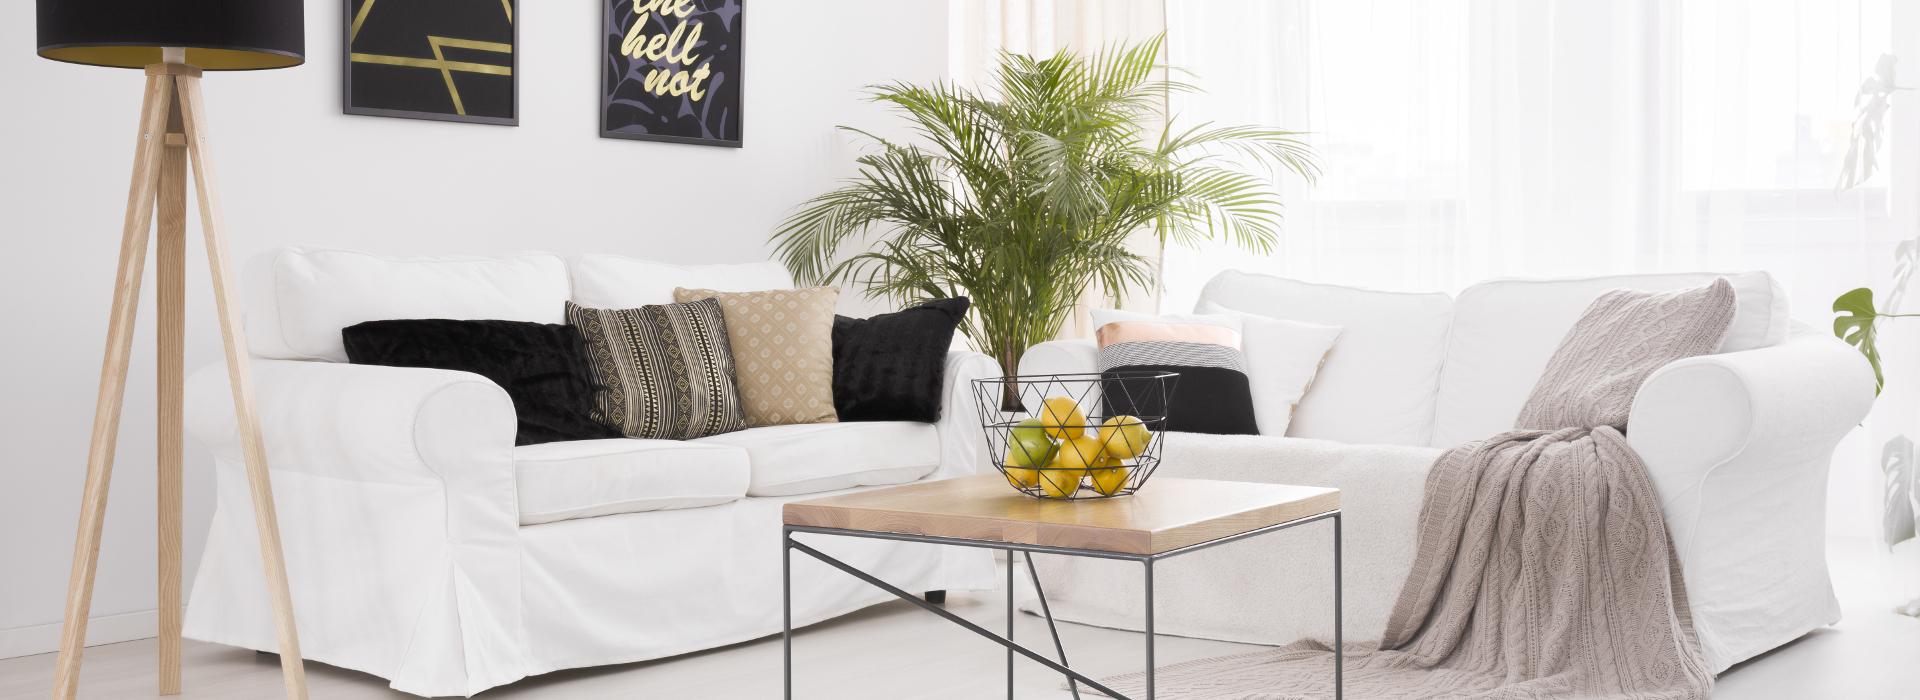 Ako si zariadiť obývačku - Hygge